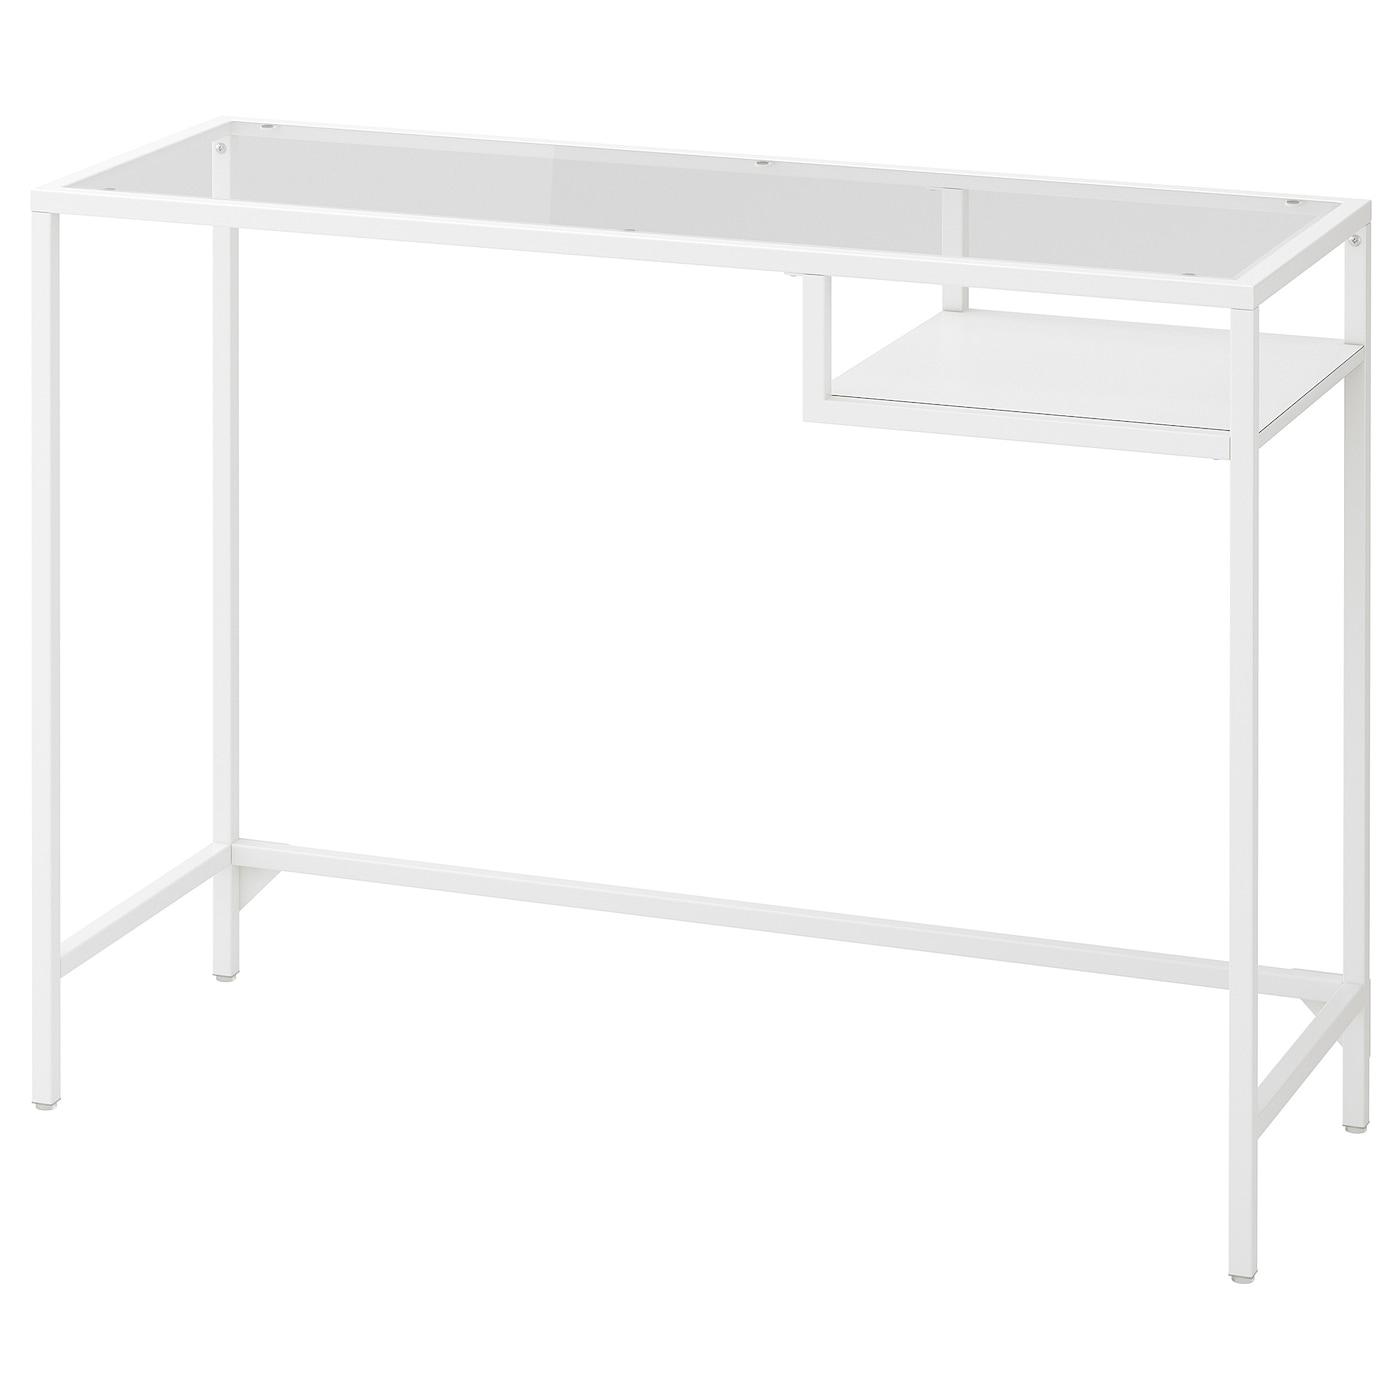 Vittsjo Laptop Table White Glass 39 3 8x14 1 8 Ikea